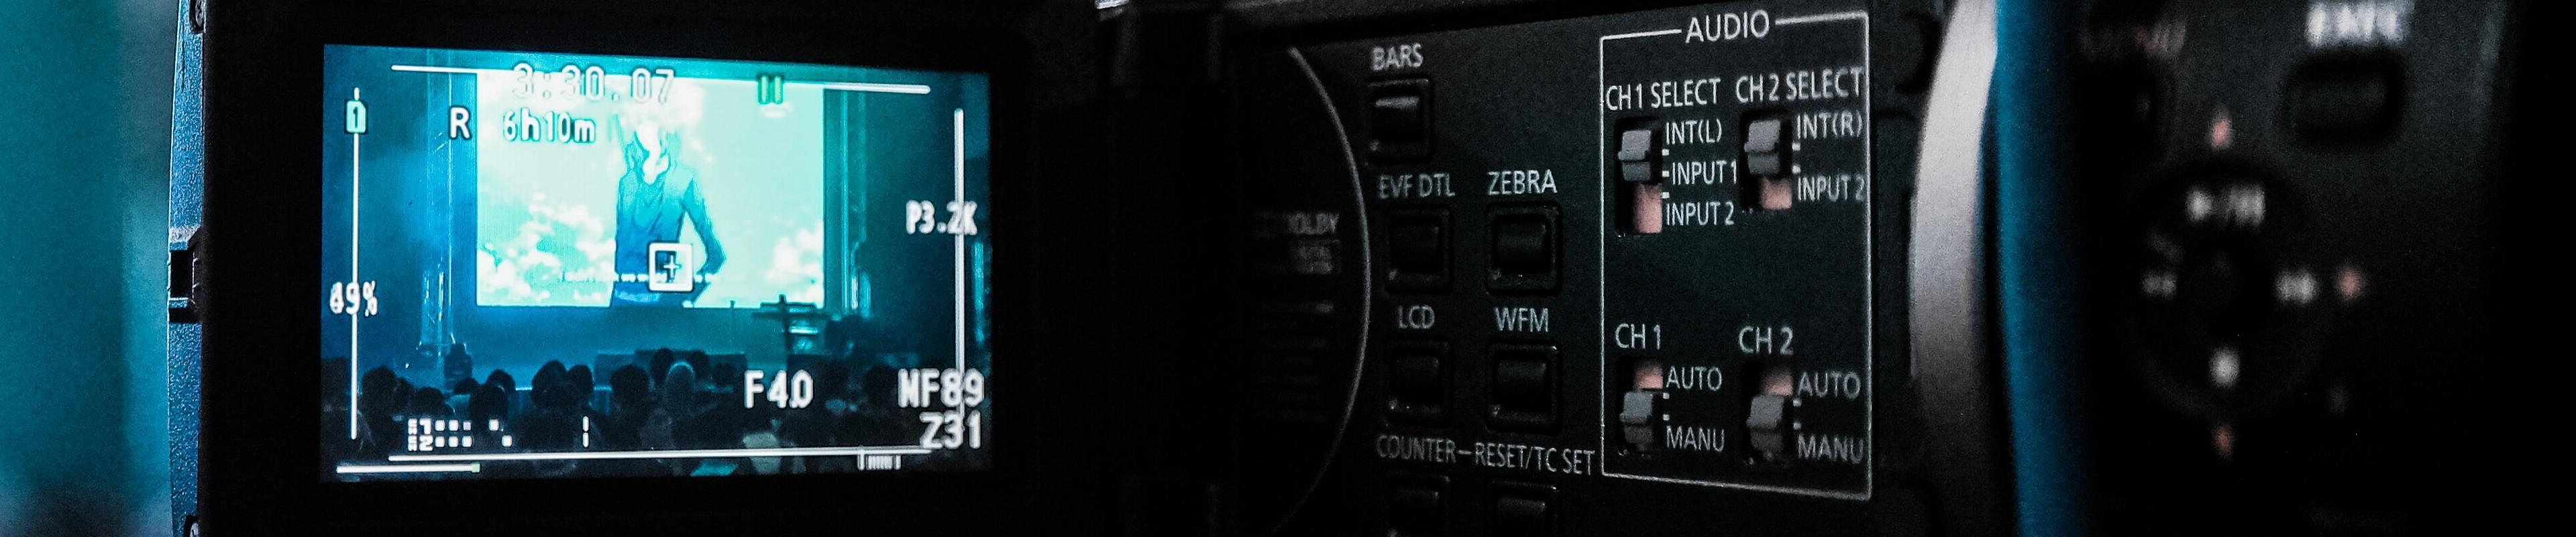 Professionelle Videokamera beim Filmen einer Veranstaltung